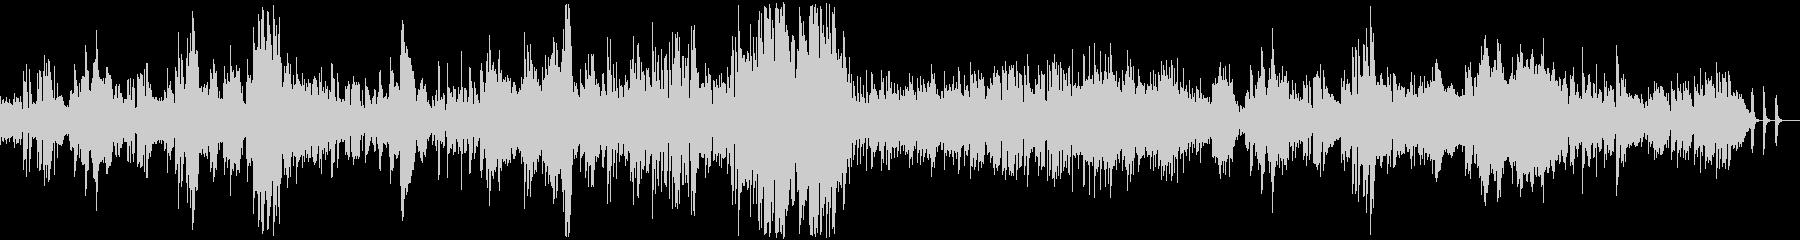 パスピエ/ドビュッシー【ピアノソロ】の未再生の波形